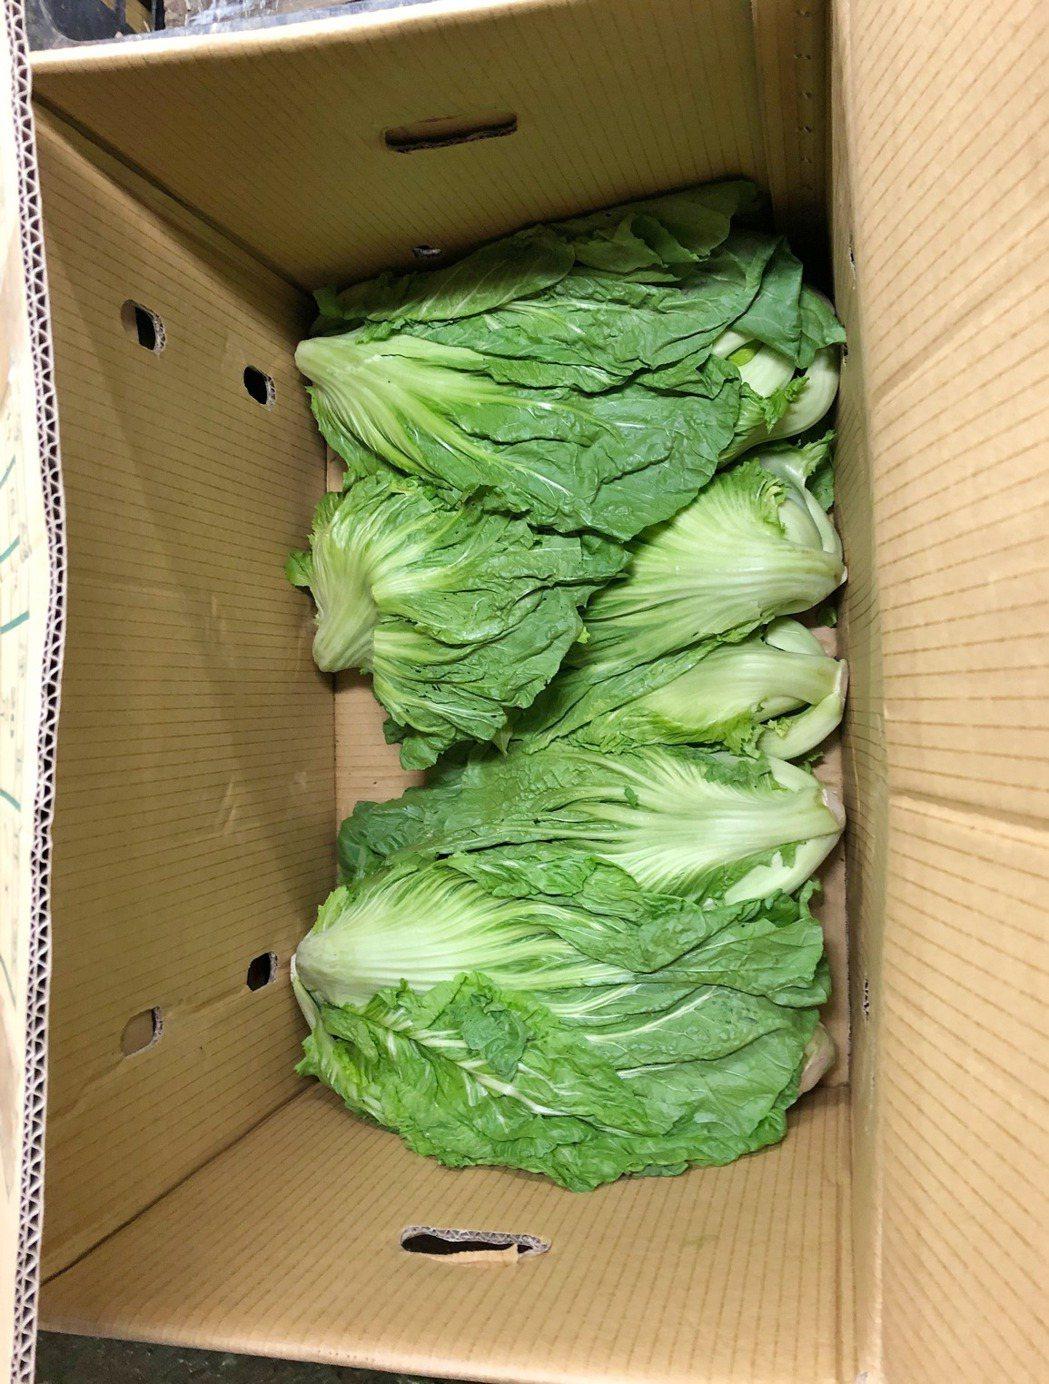 過年前台北市公布最後一波生鮮蔬果殘留農藥抽驗結果,衛生局去年11、12月至市場、...